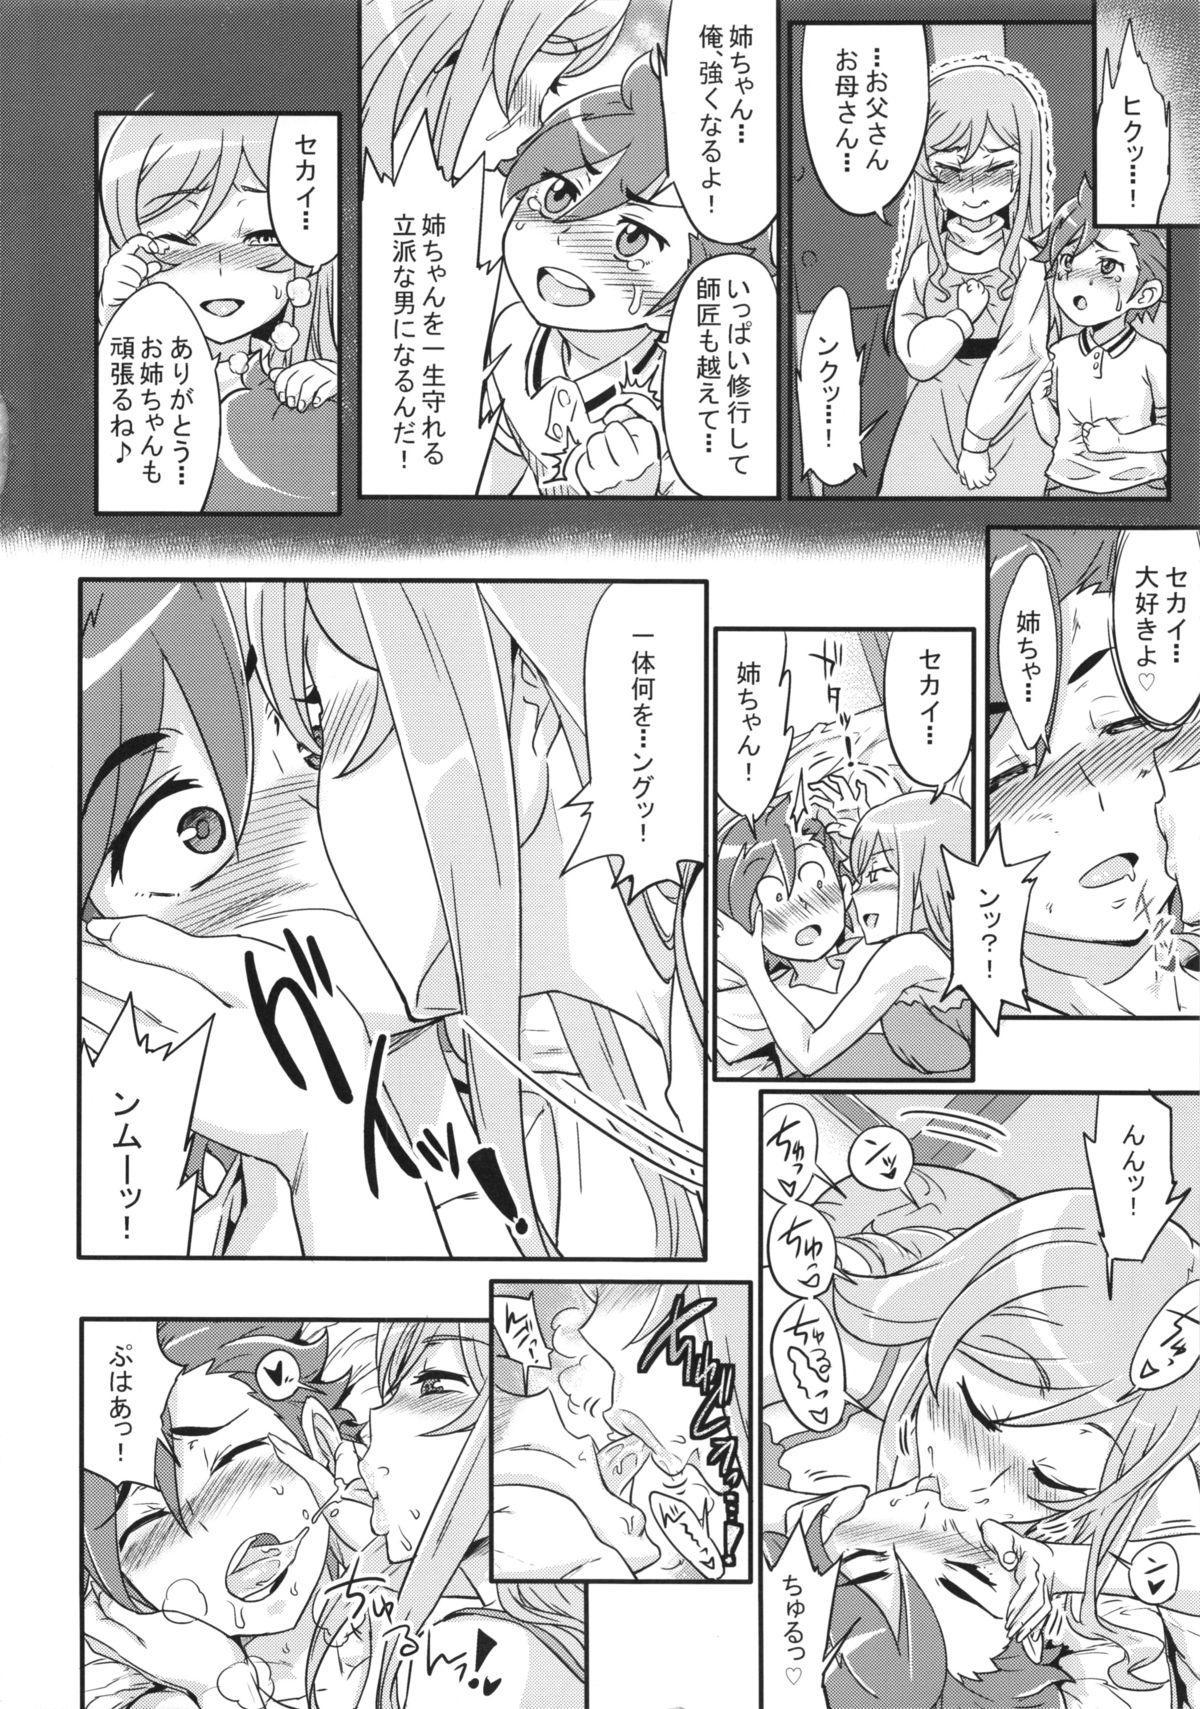 Mirai Nee-chan to Tsukurou! 2